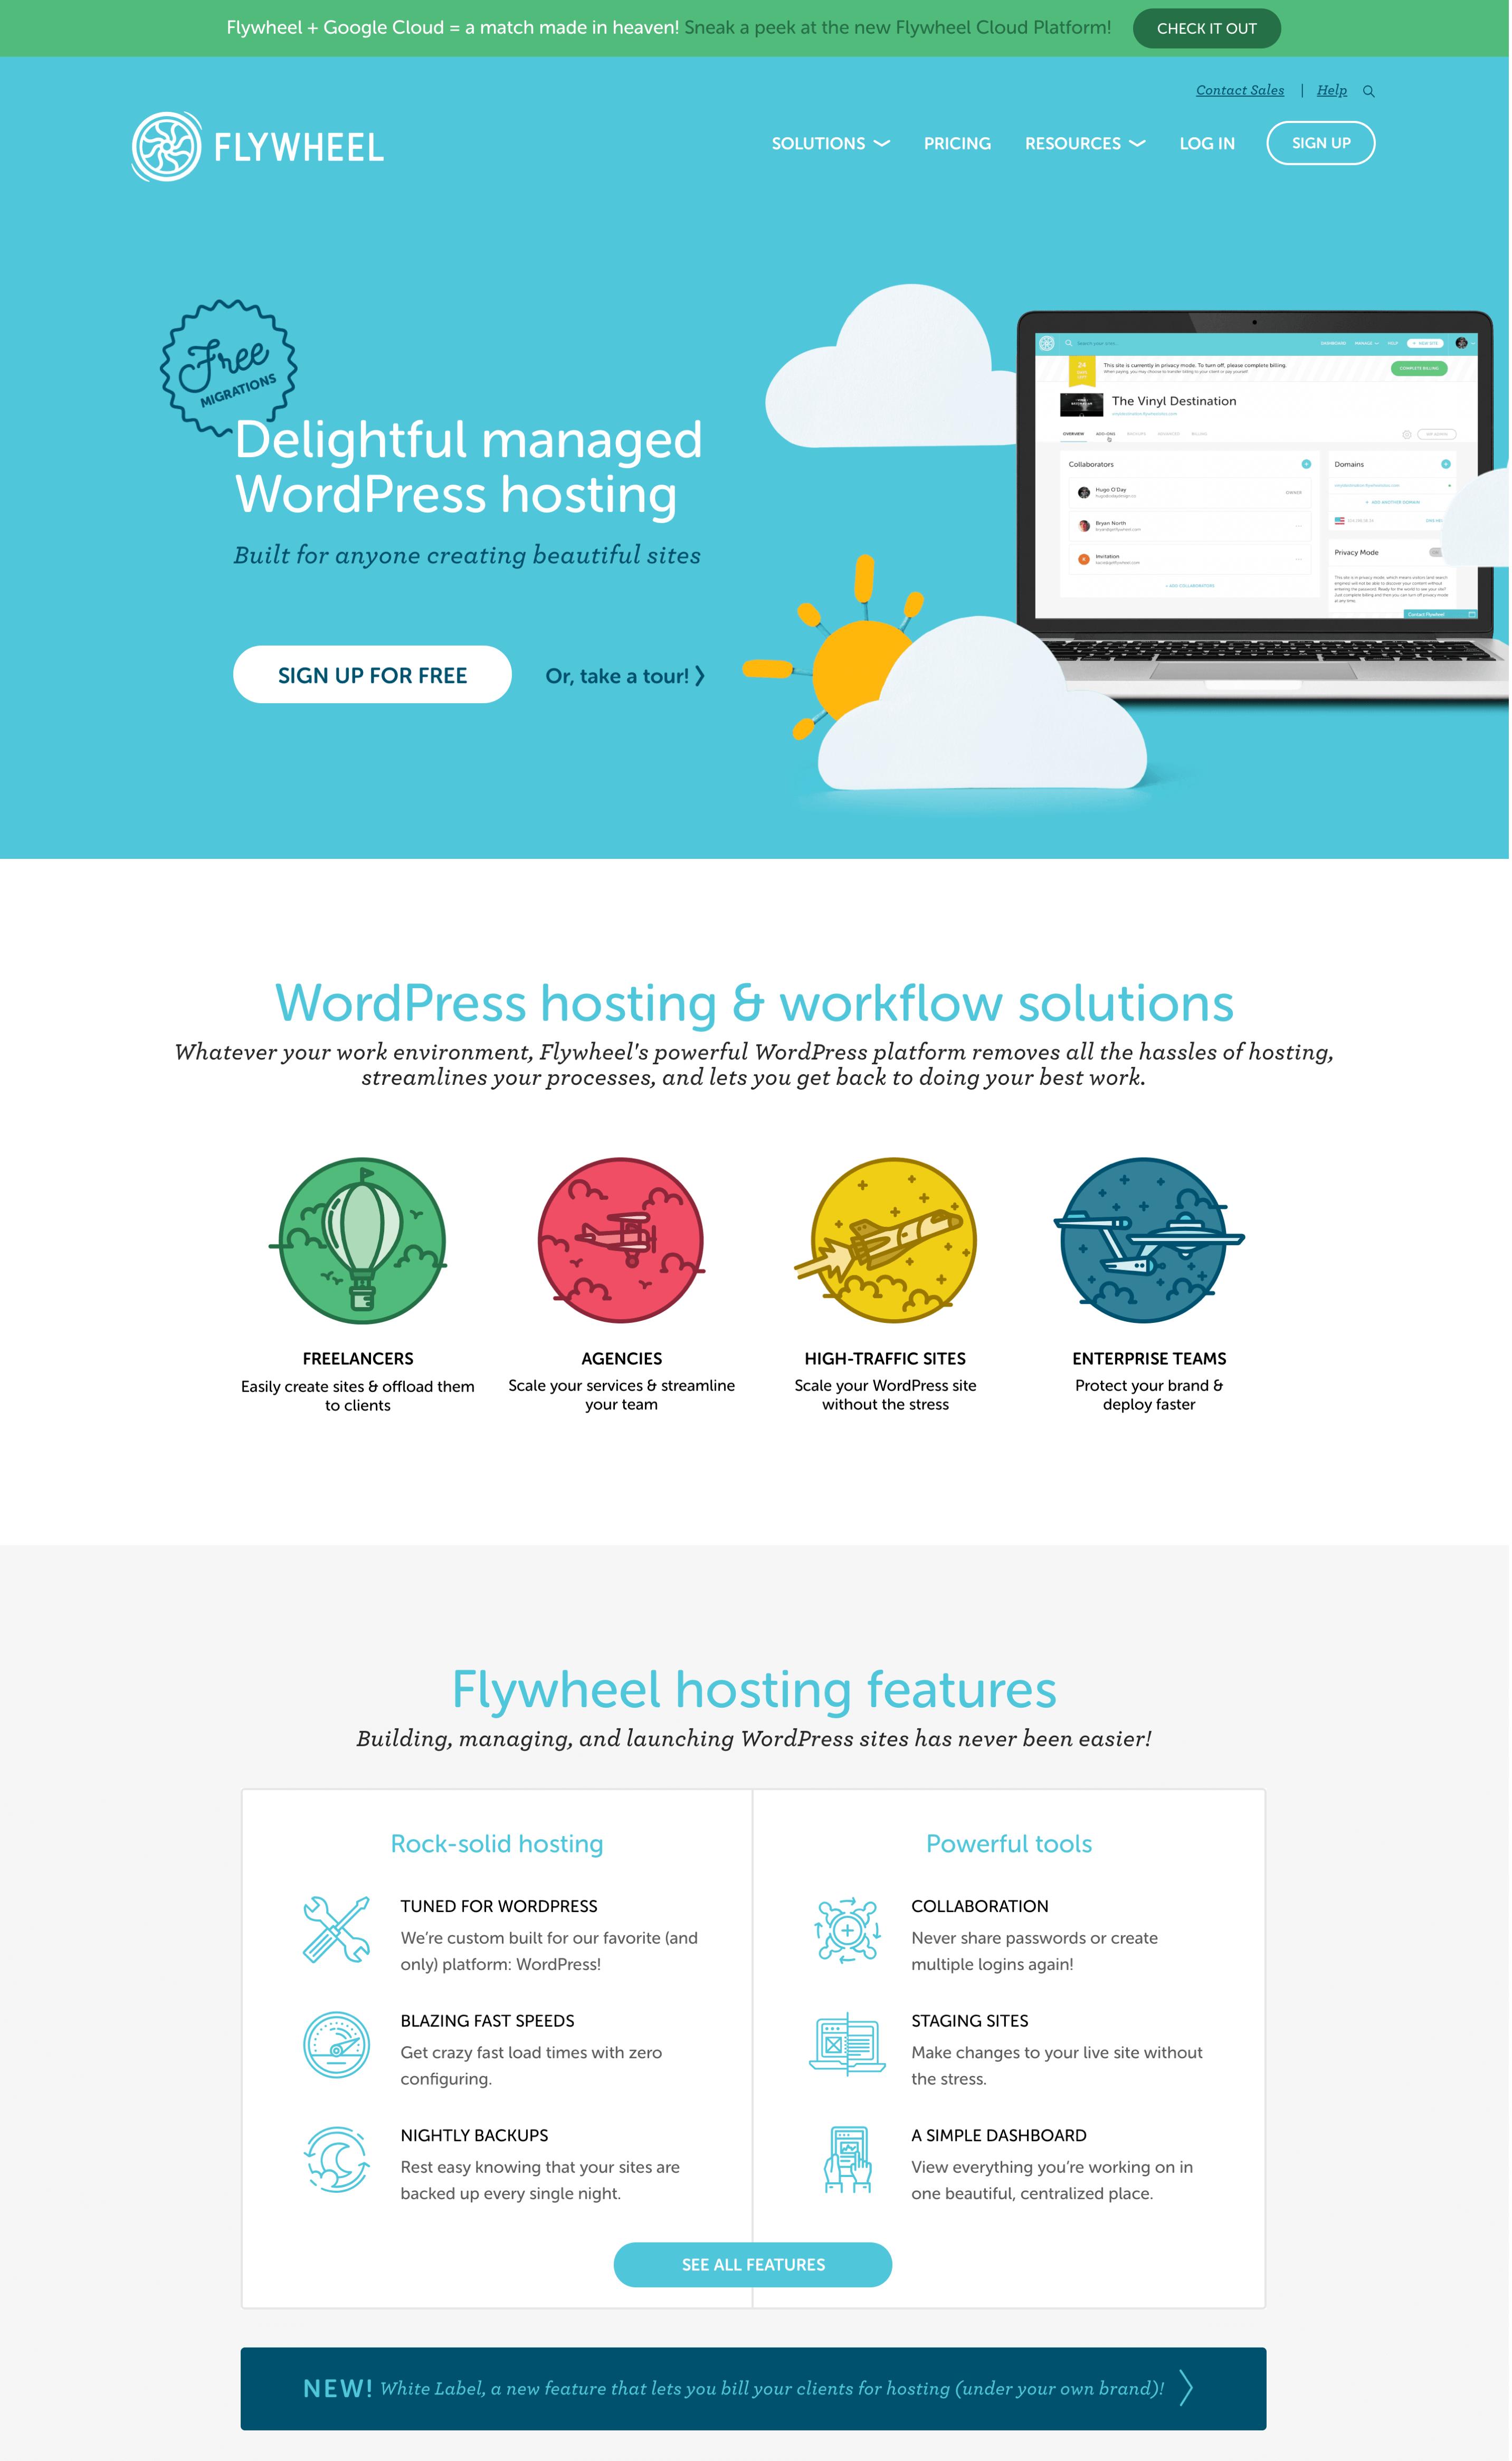 flywheel hosting website